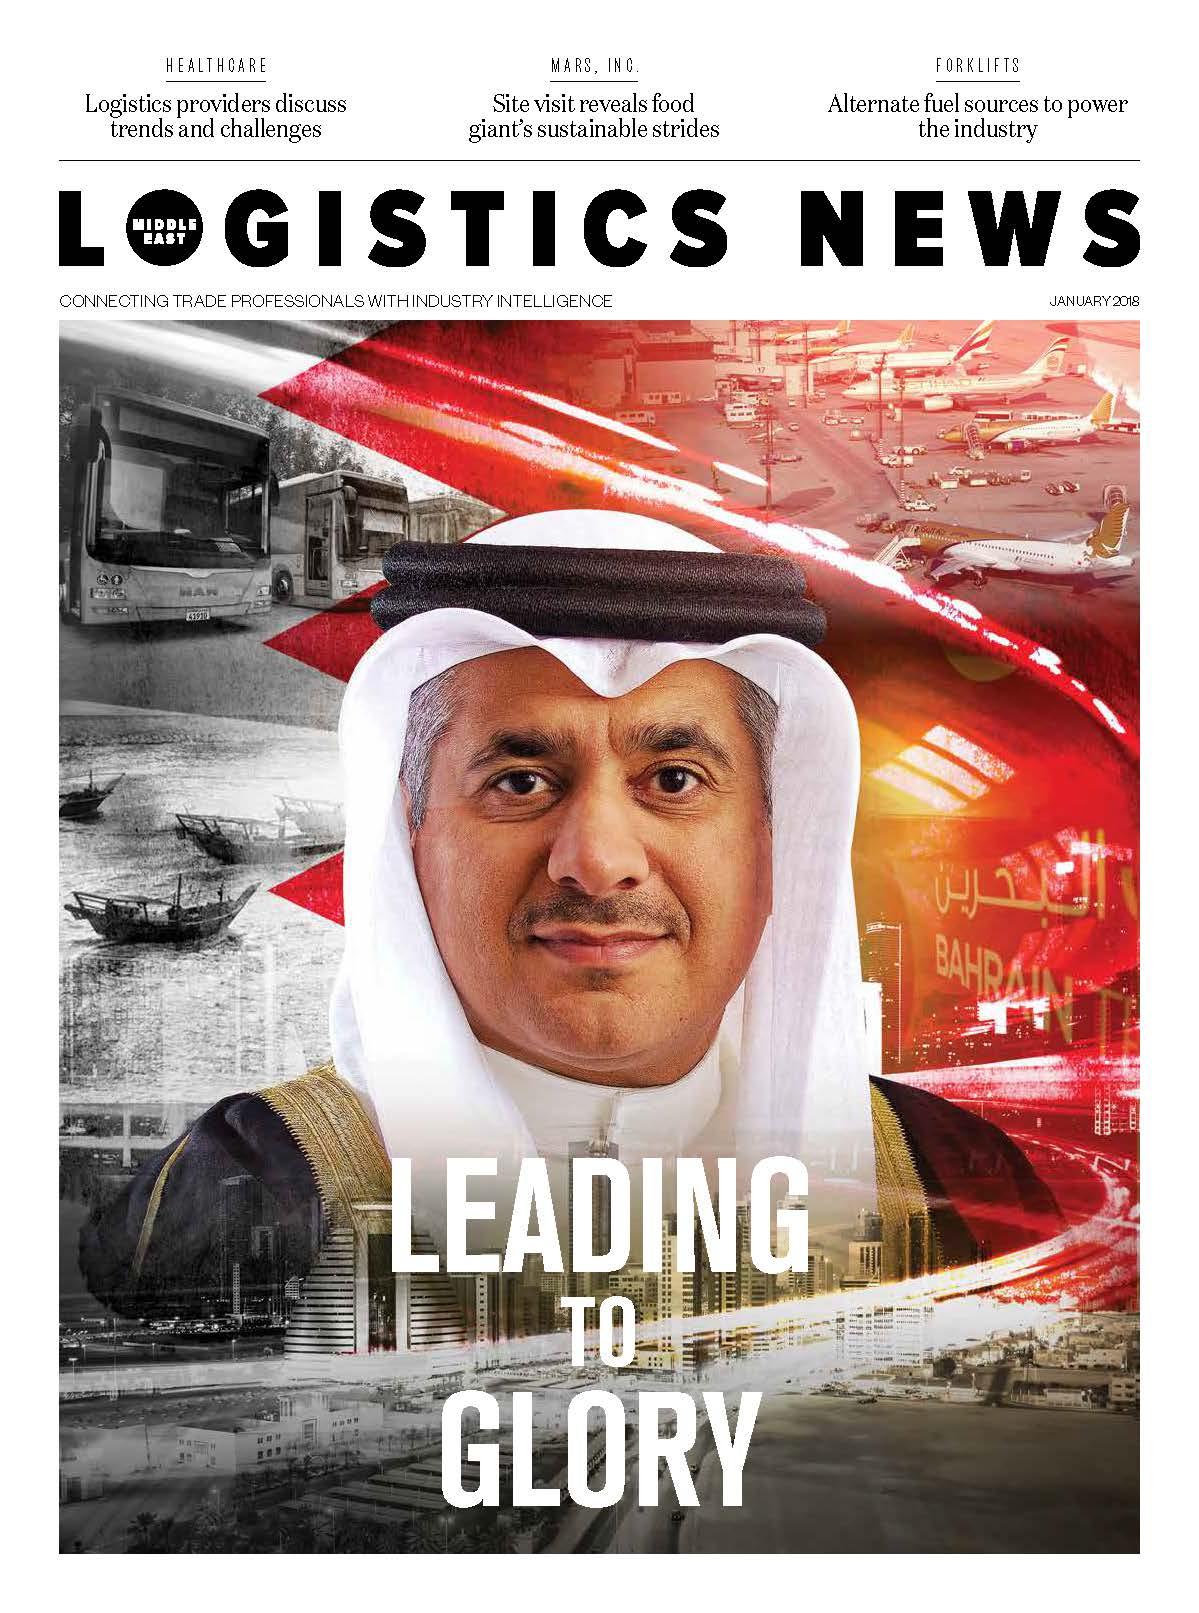 http://www.cbnme.com/magazines/logistics-news-me-january-2018/